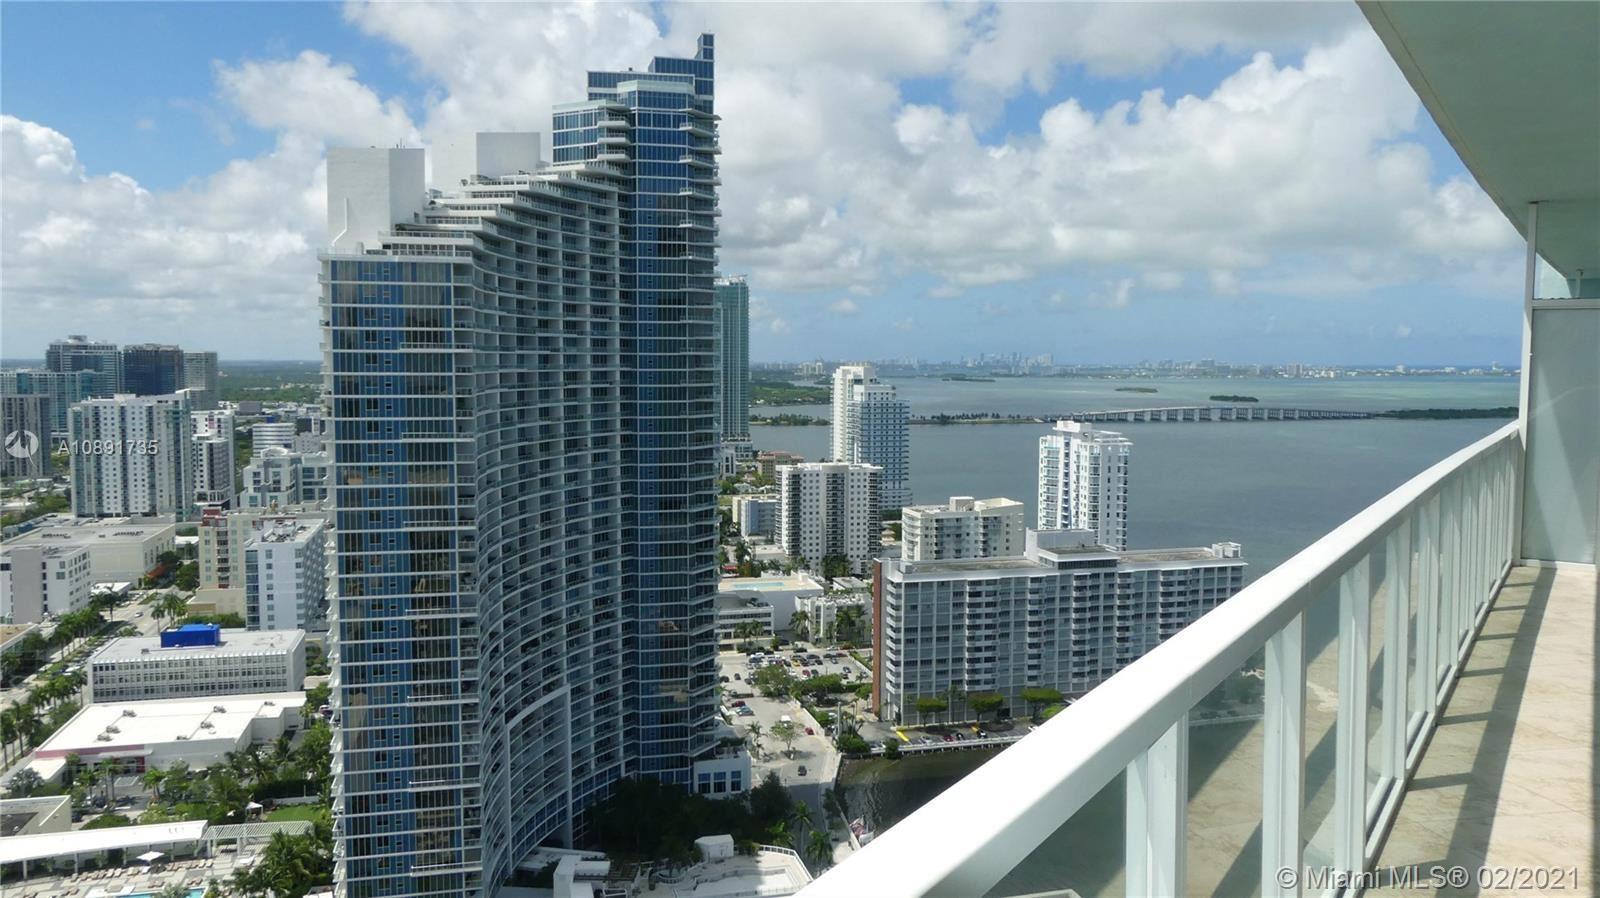 1900 N Bayshore Dr #3318, Miami, FL 33132 - #: A10891735